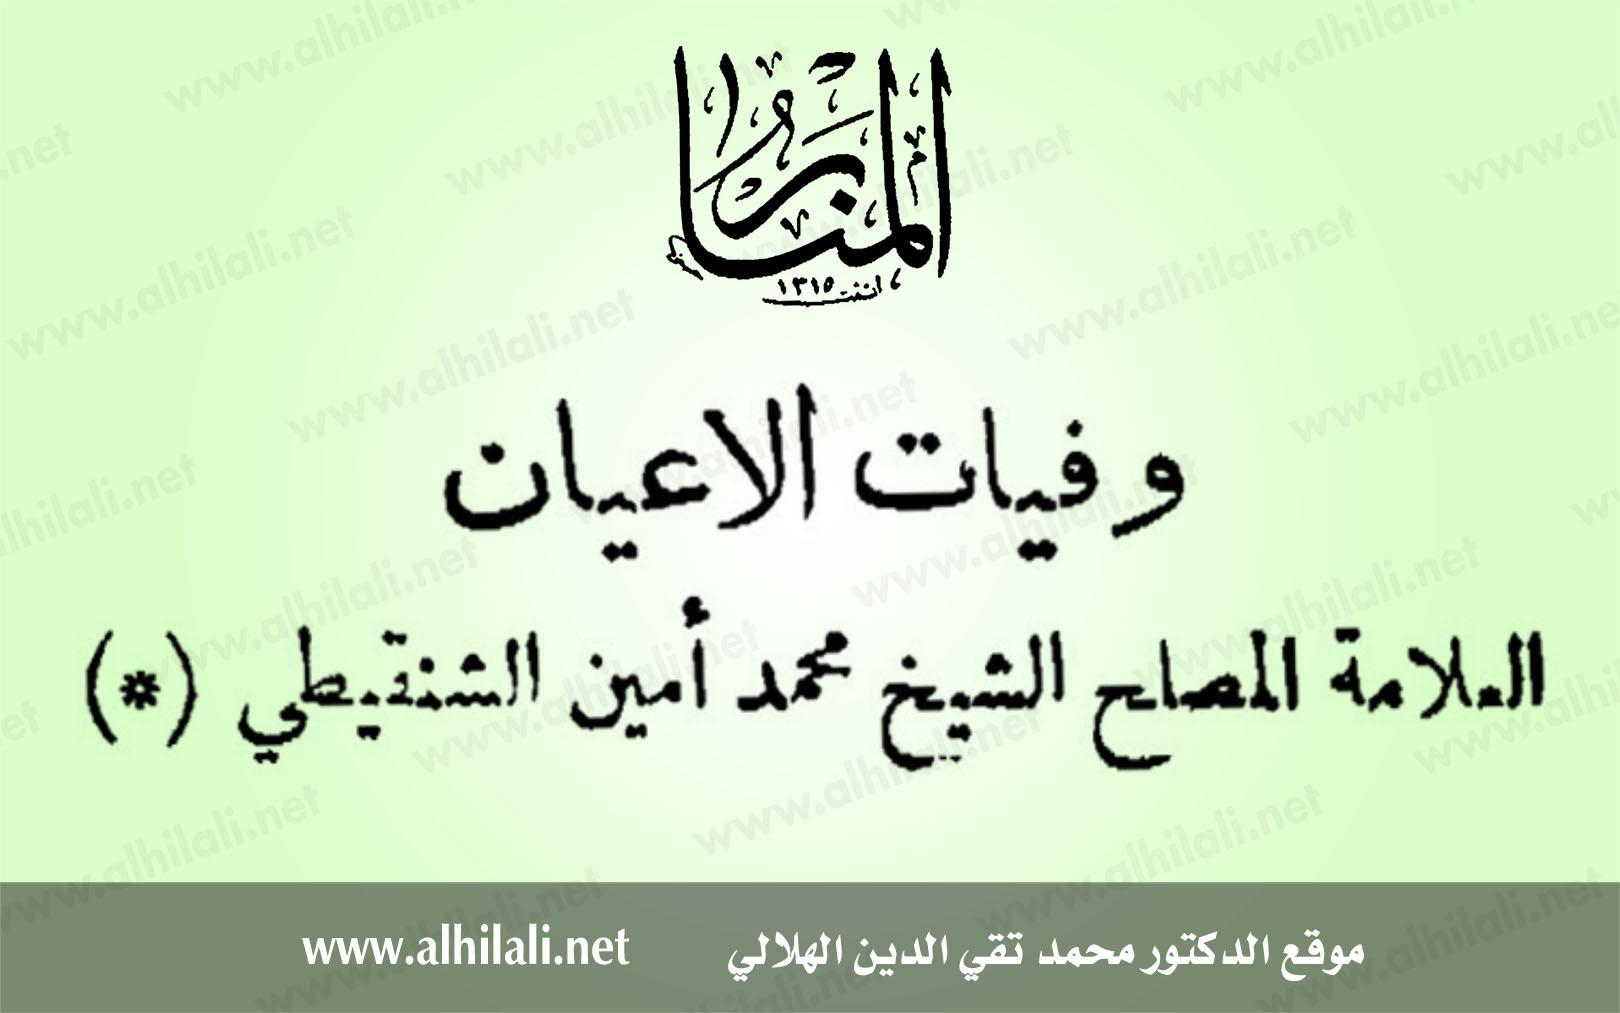 محمد أمين الشنقيطي - تقي الدين الهلالي